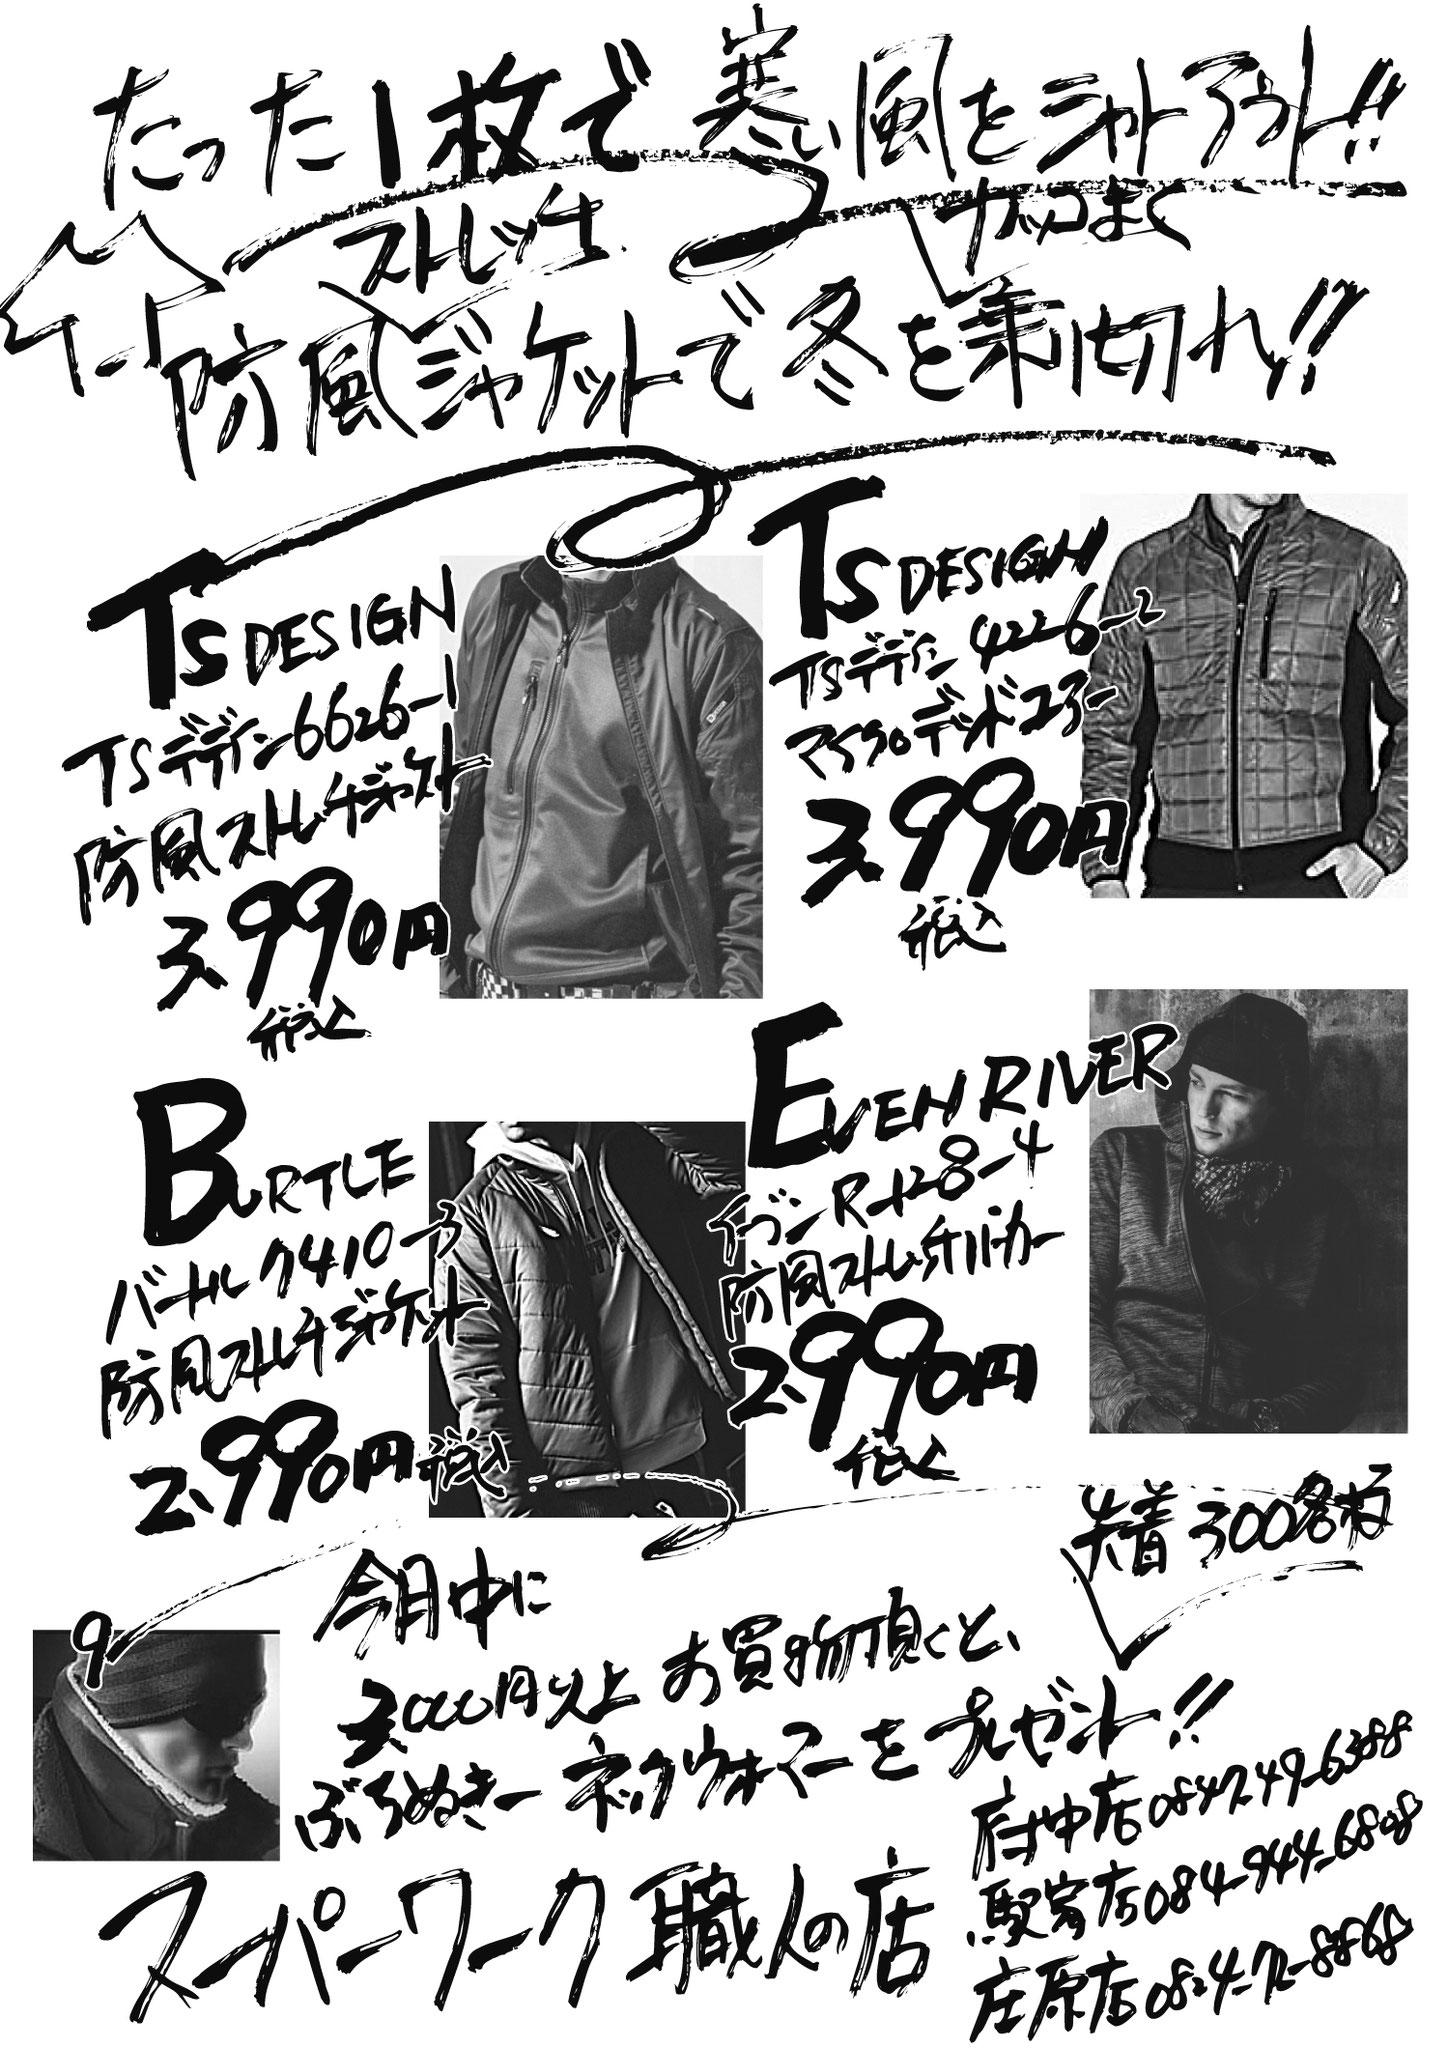 防風ジャケットは、イーブン R-128 防風パーカーがおススメ!!2,990円(税込)